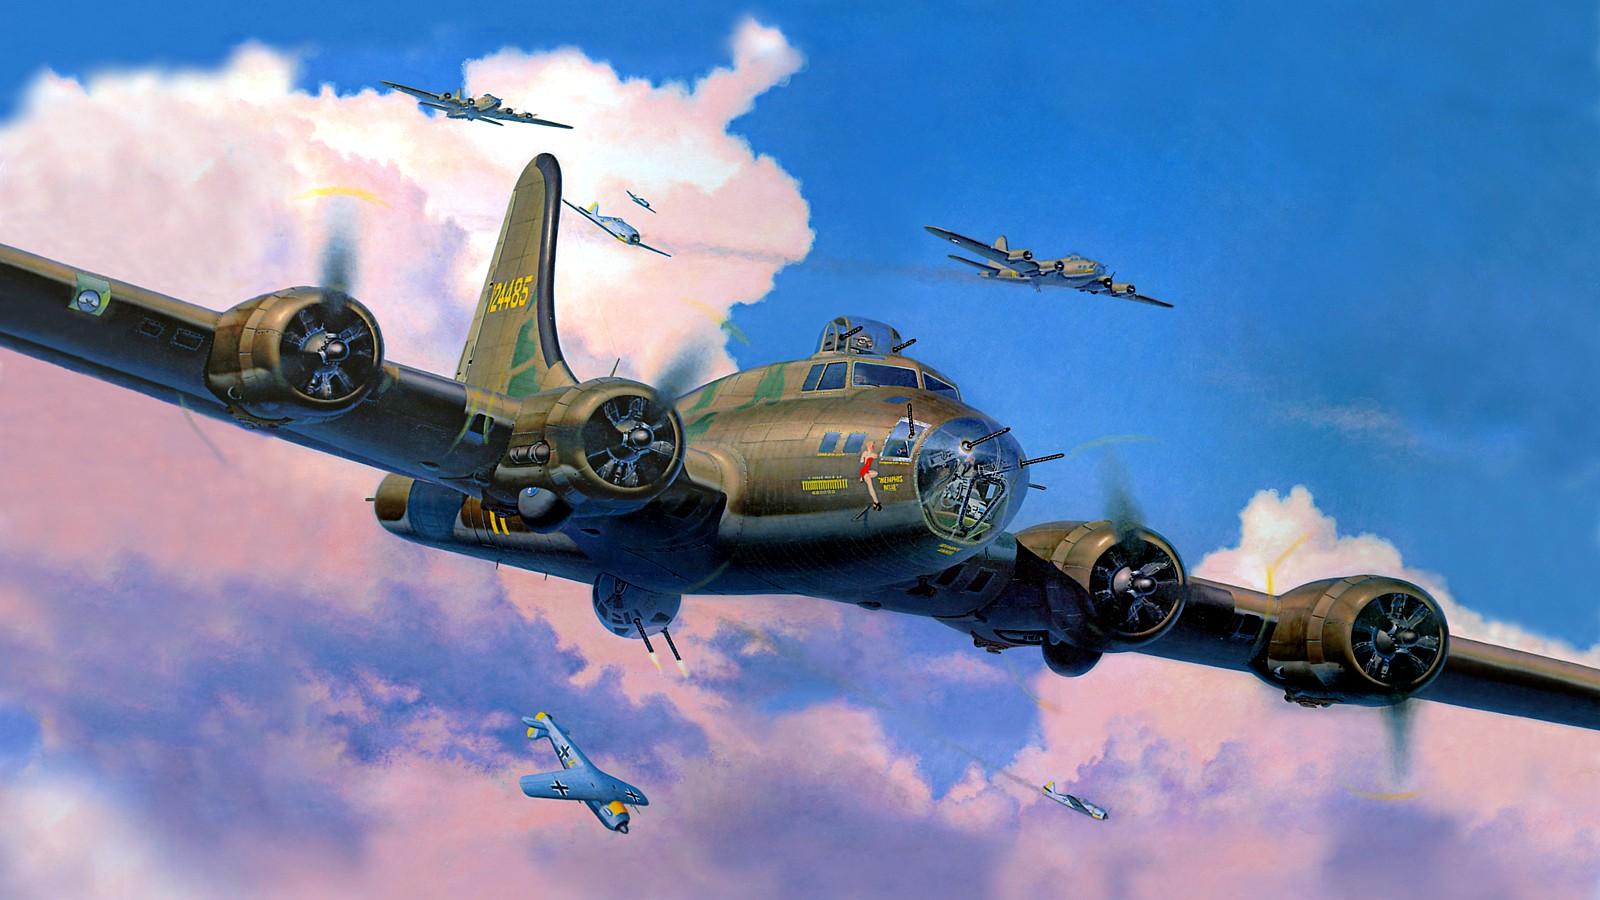 Download Military Aircraft Wallpaper 1600x900 Wallpoper 216757 1600x900